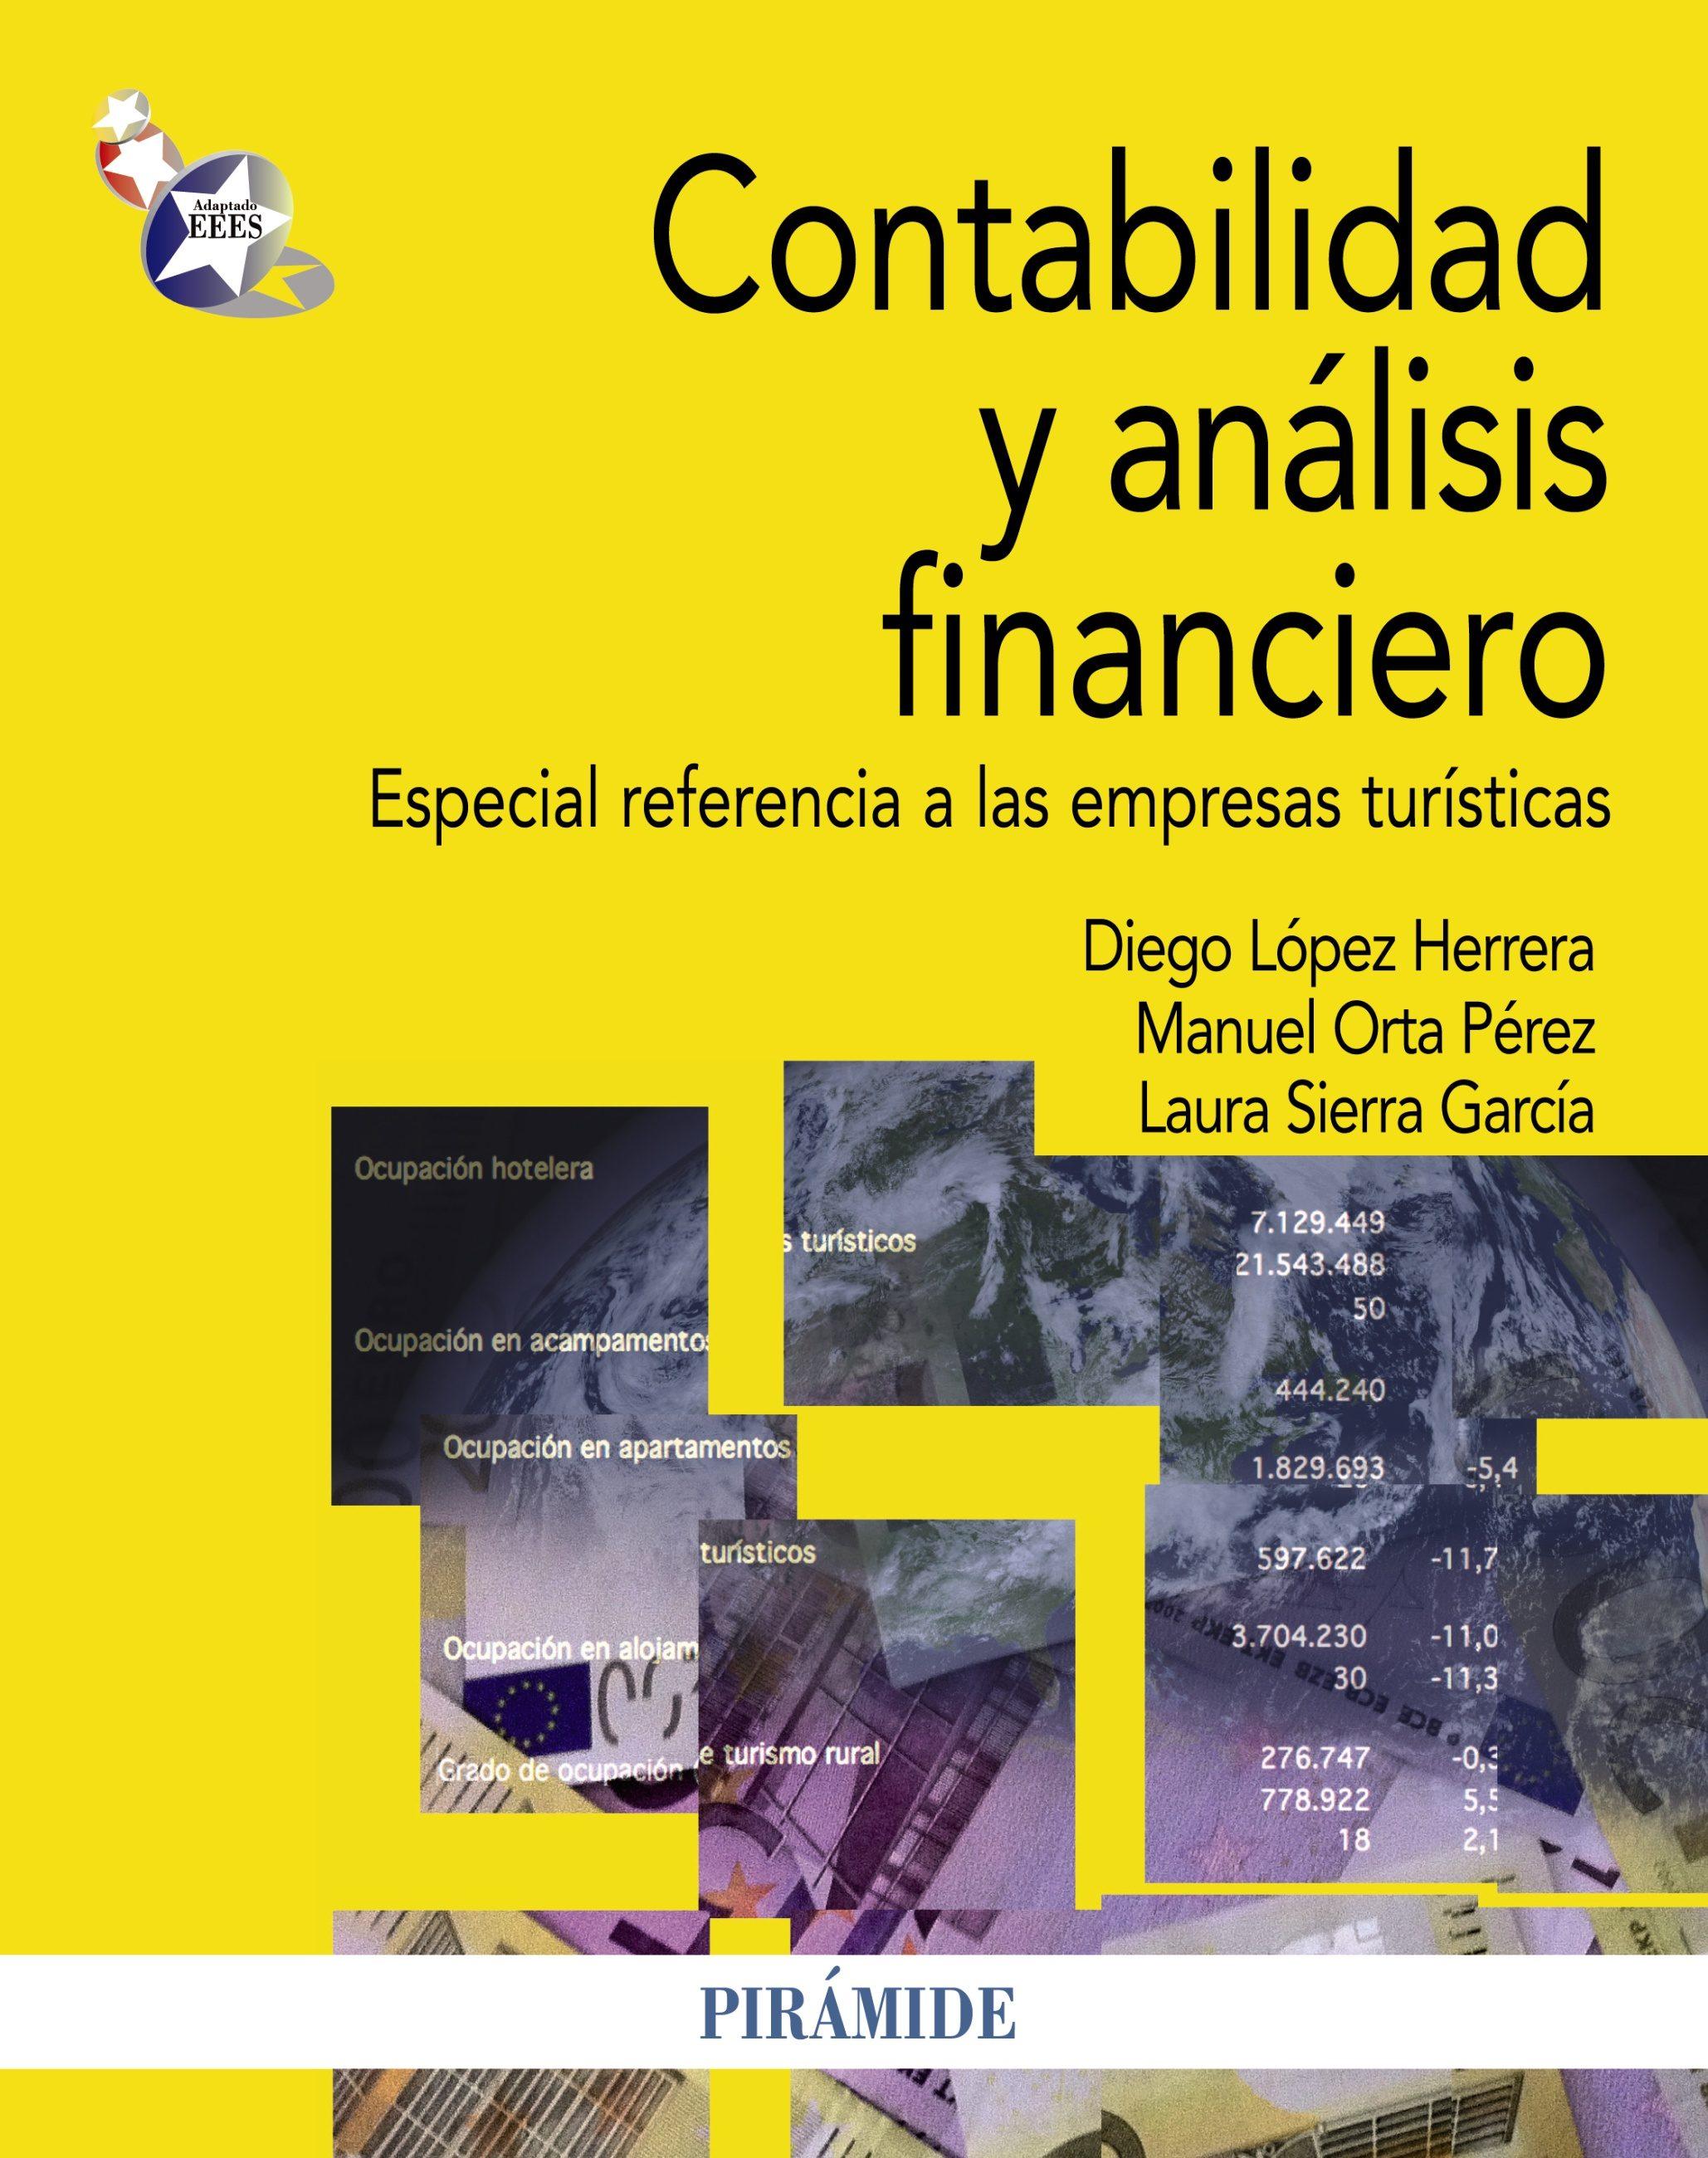 Contabilidad Y Análisis Financiero   por Diego Lopez Herrera, Manuel Orta Perez, Laura Sierra Garcia